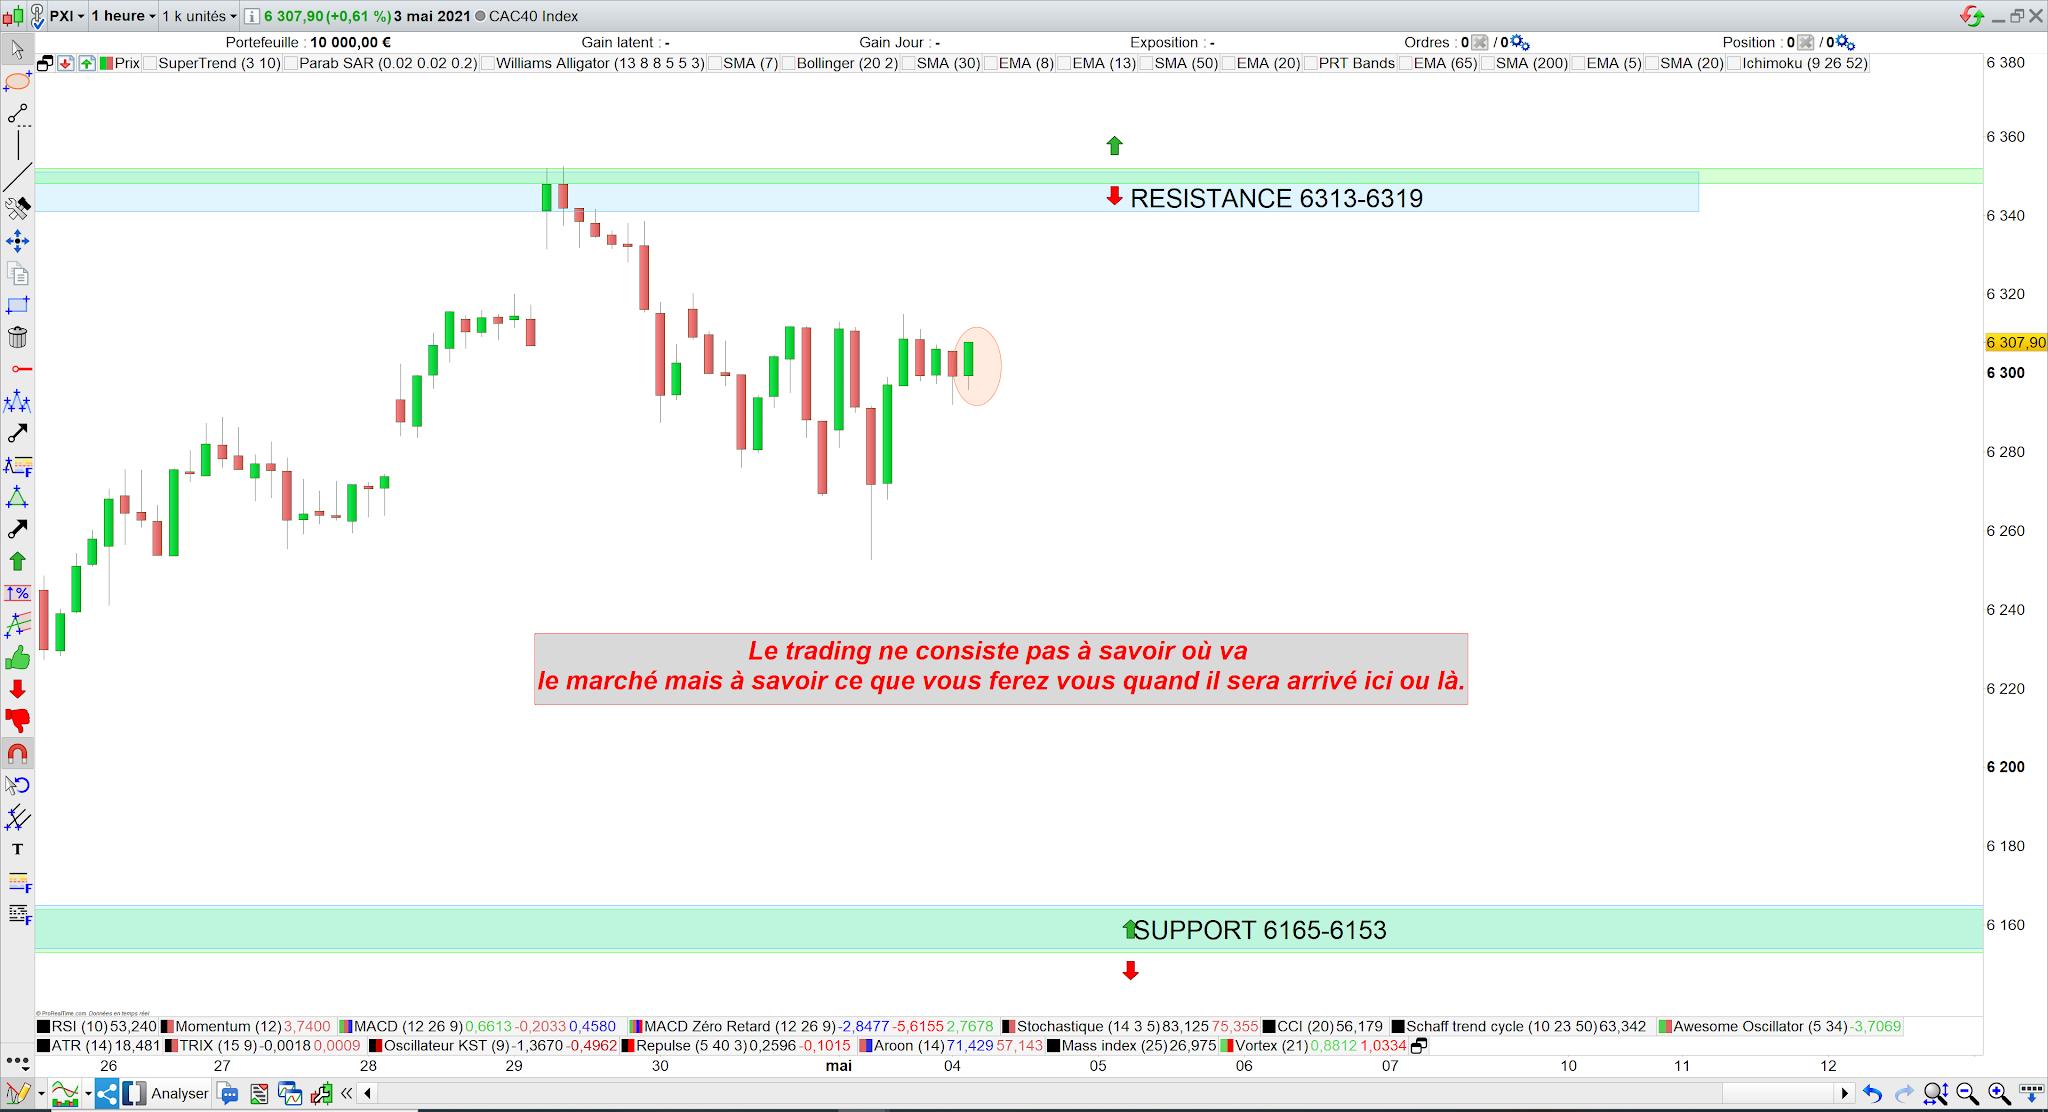 Trading cac40 4 mai 21